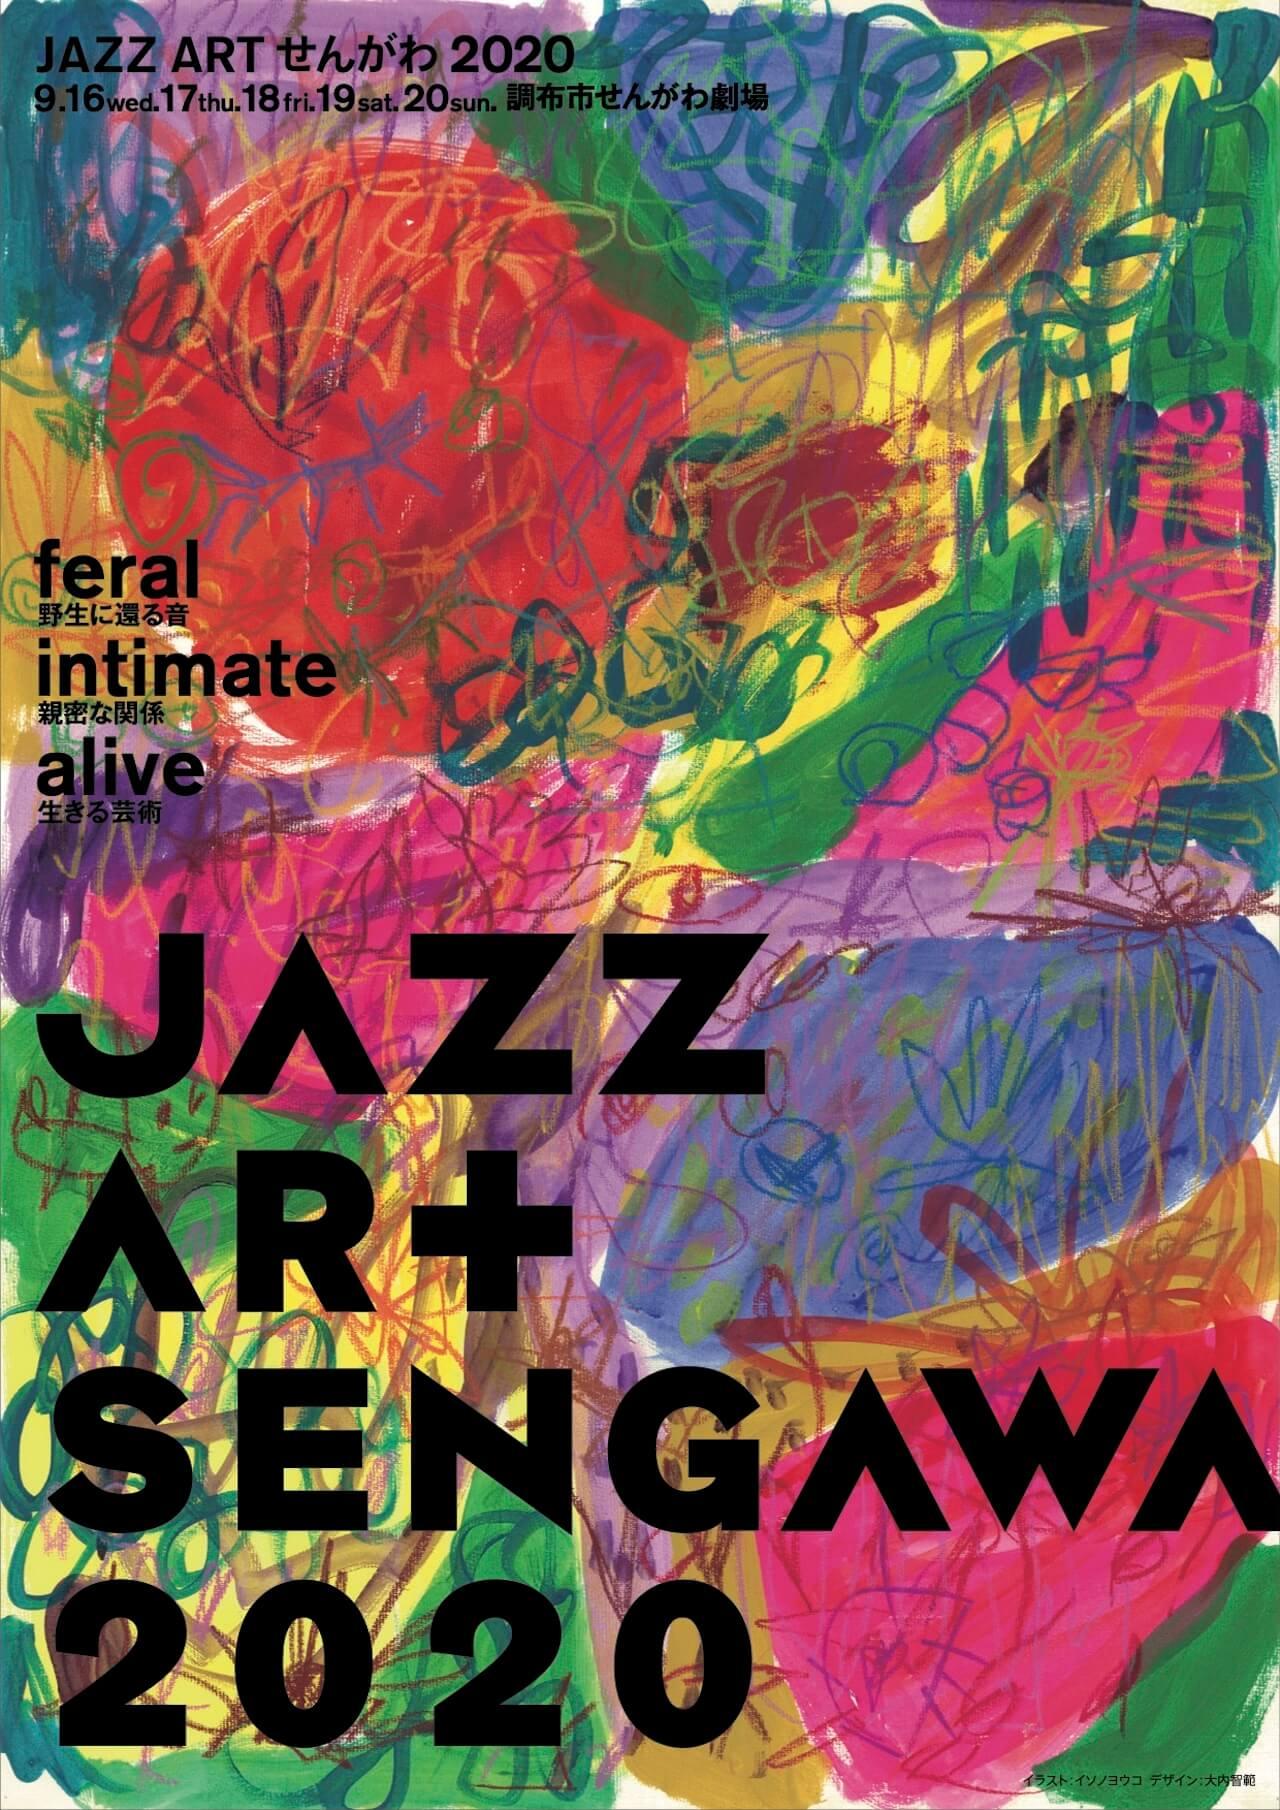 世界へ広がる即興音楽祭<JAZZ ART せんがわ 2020>が「コロナウイルスvsミュージック」をテーマに開催|ヒカシュー、「ミソヅラ団」+スガダイロー、沖至追悼ステージなど music200914-jazzartsengawa-2